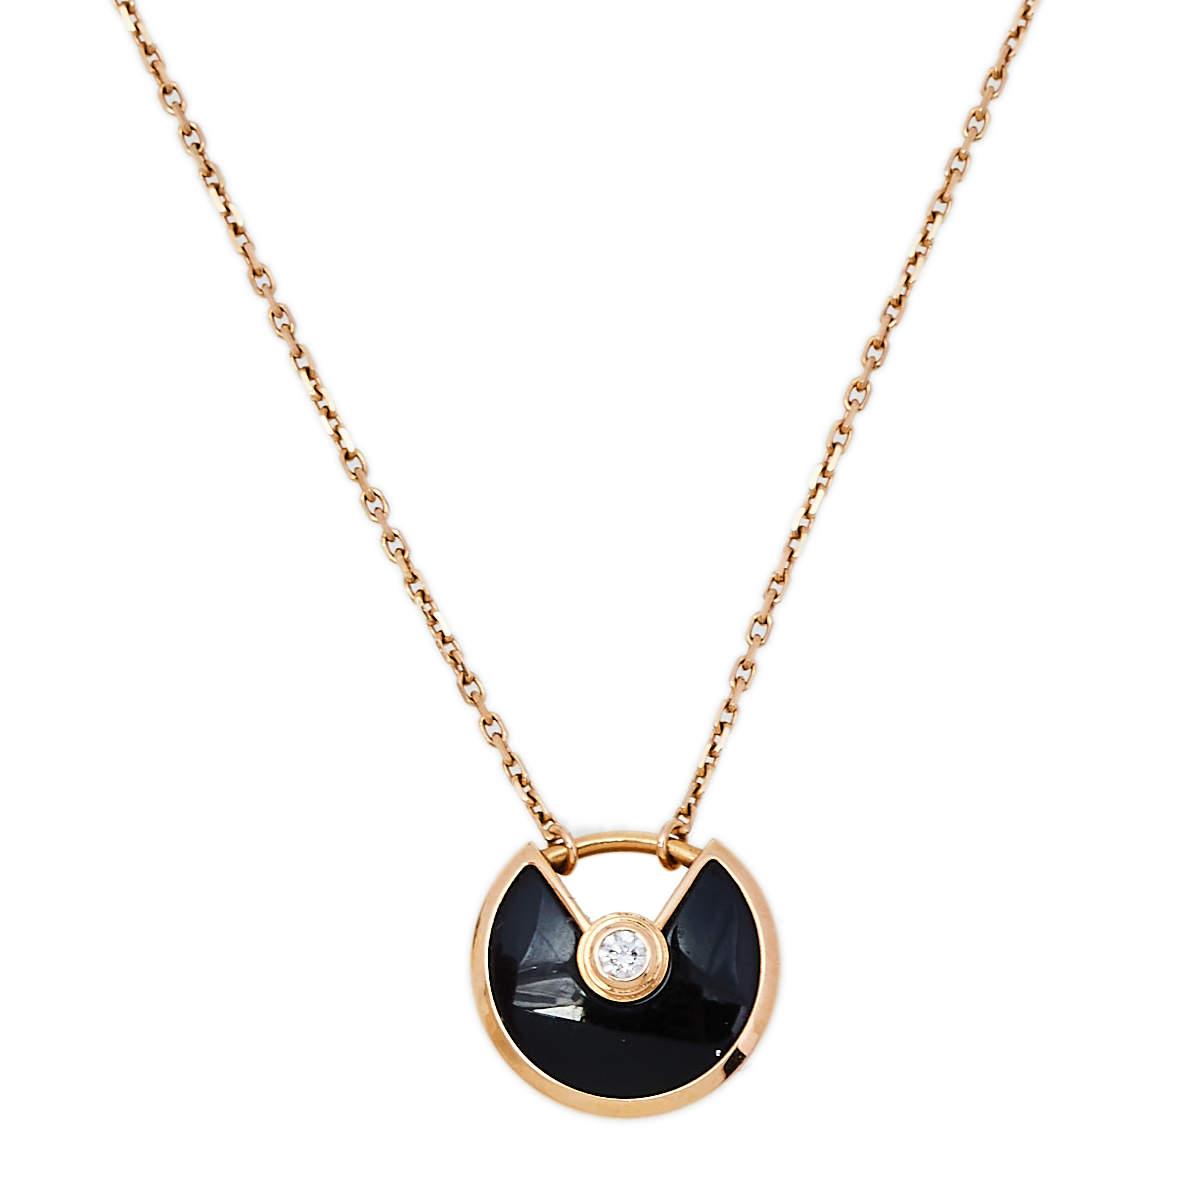 Cartier Amulette De Cartier 18K Rose Gold Diamond & Onyx Pendant Necklace XS